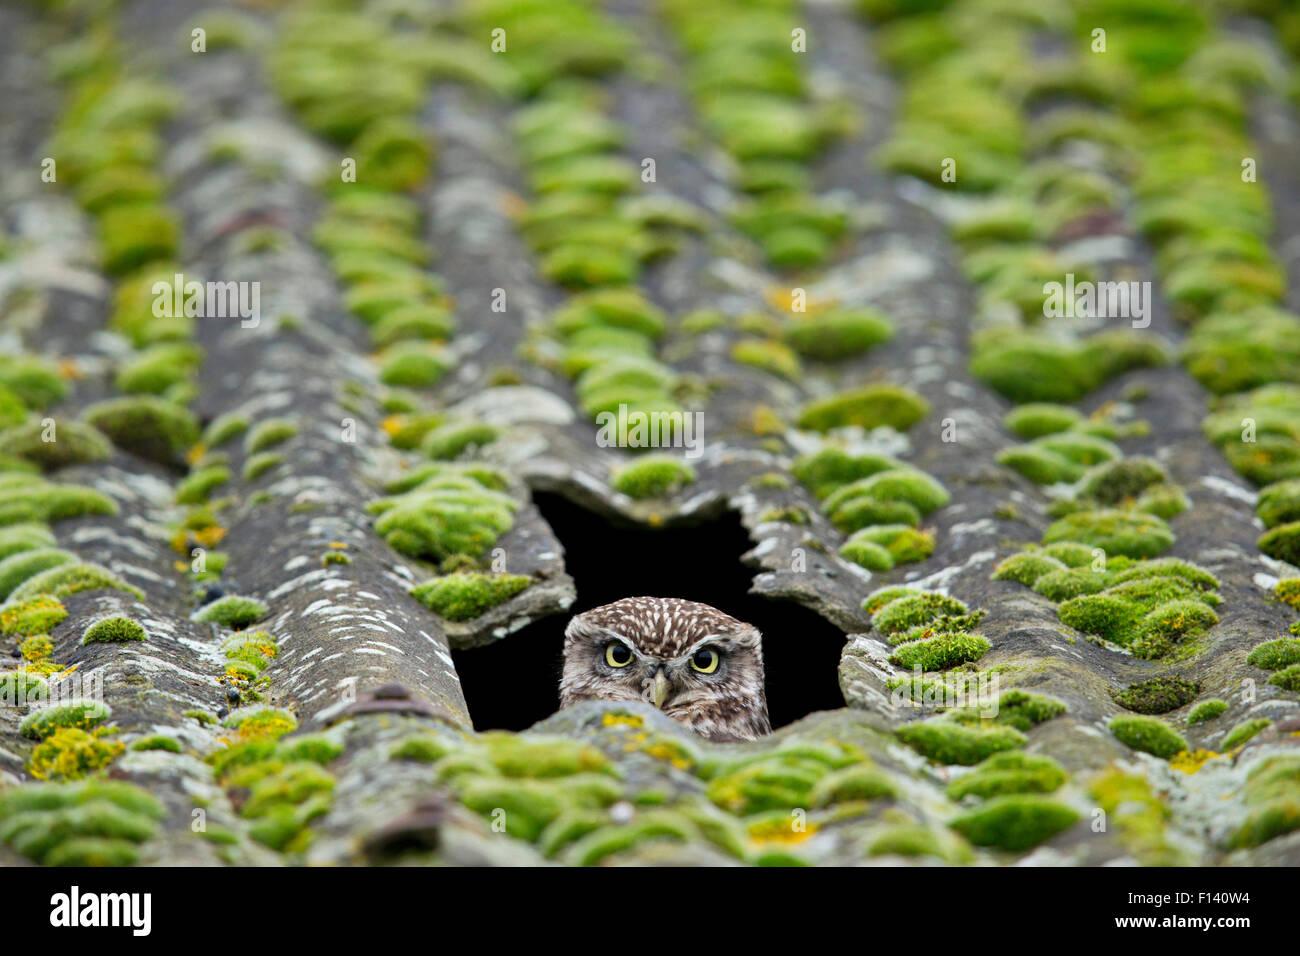 Chouette chevêche (Athene noctua) scrutant de nid dans barn roof, UK, décembre. Banque D'Images